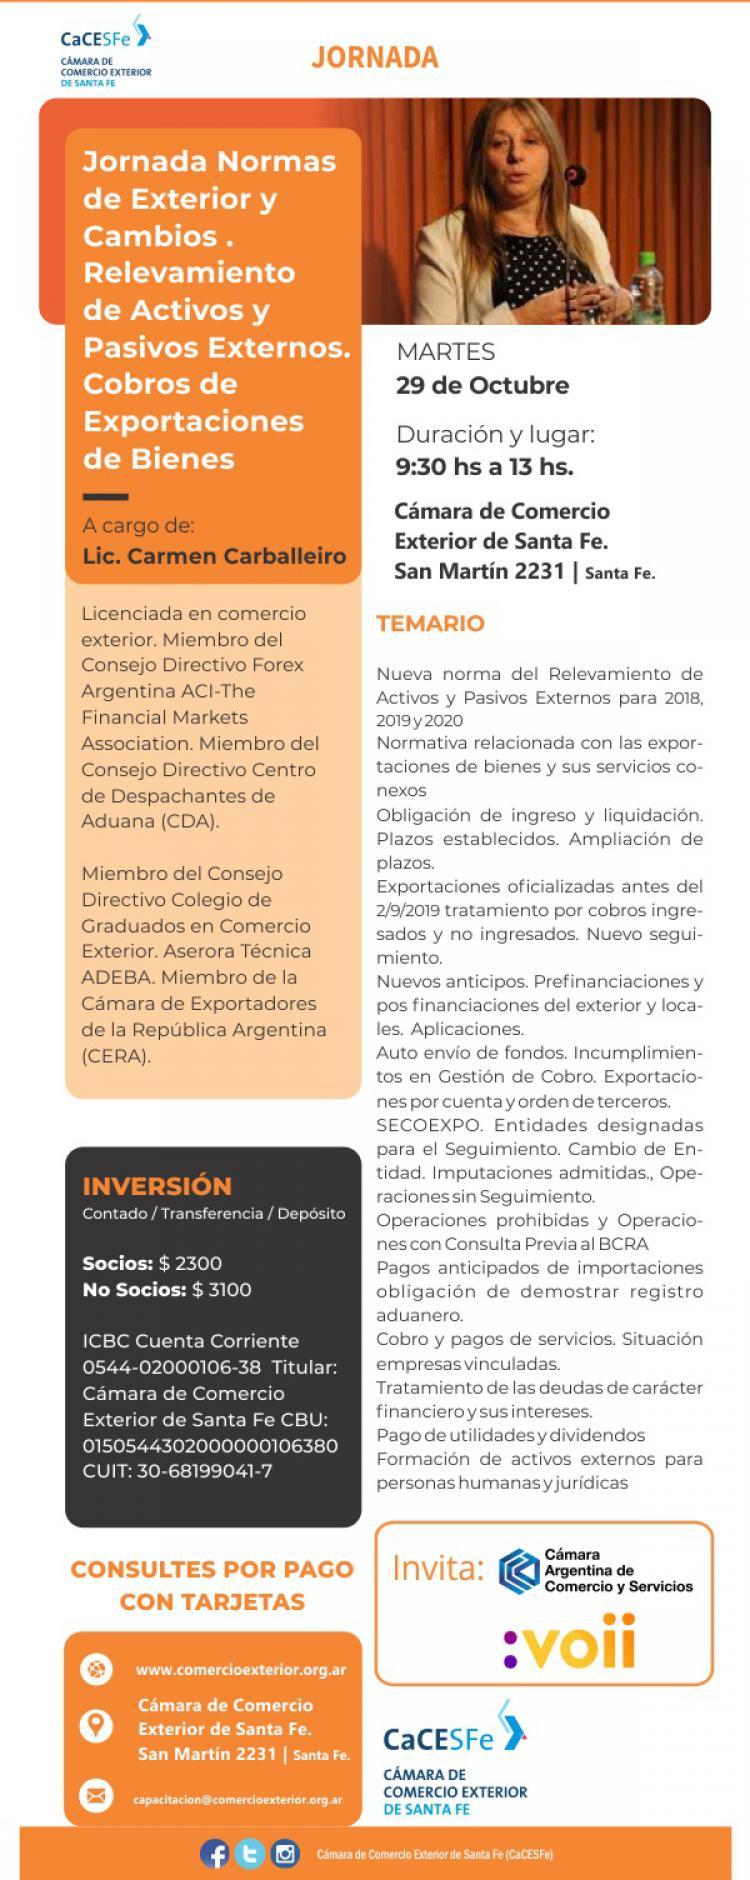 Jornada Normas de Exterior y Cambios # Relevamiento de Activos y Pasivos Externos # Cobros de Exportaciones de Bienes